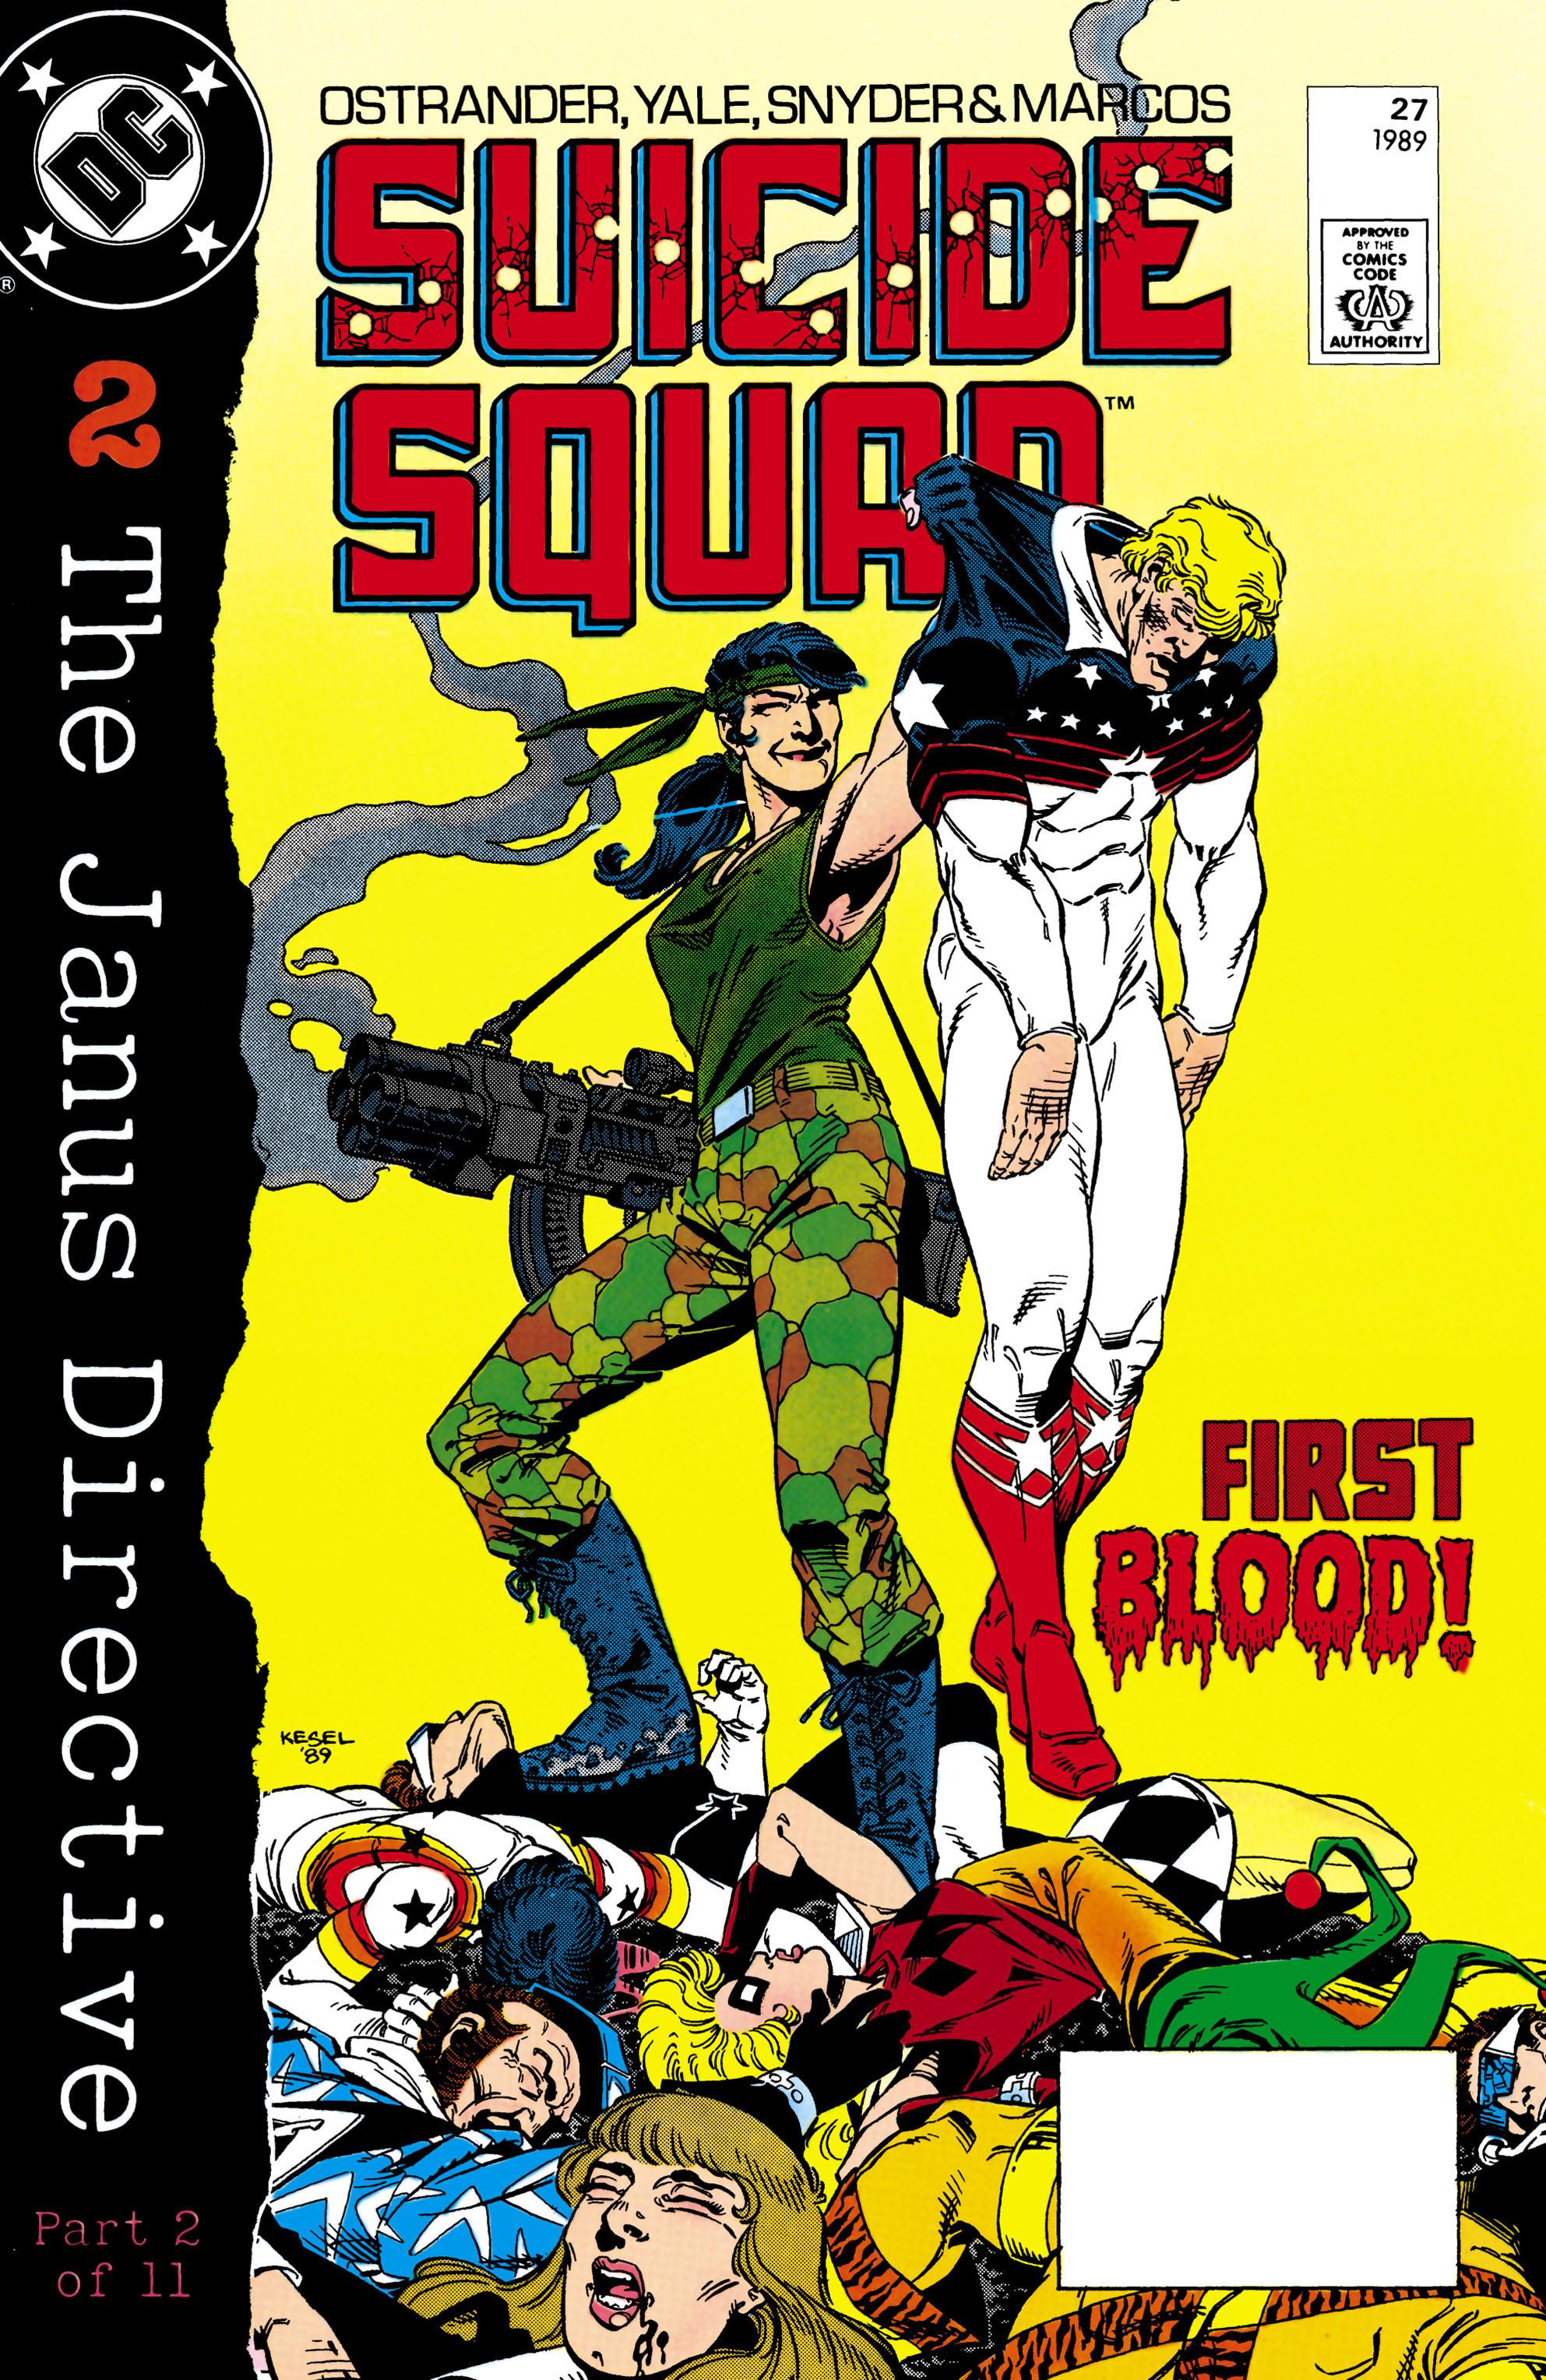 Suicide Squad (1987) 27 Page 1